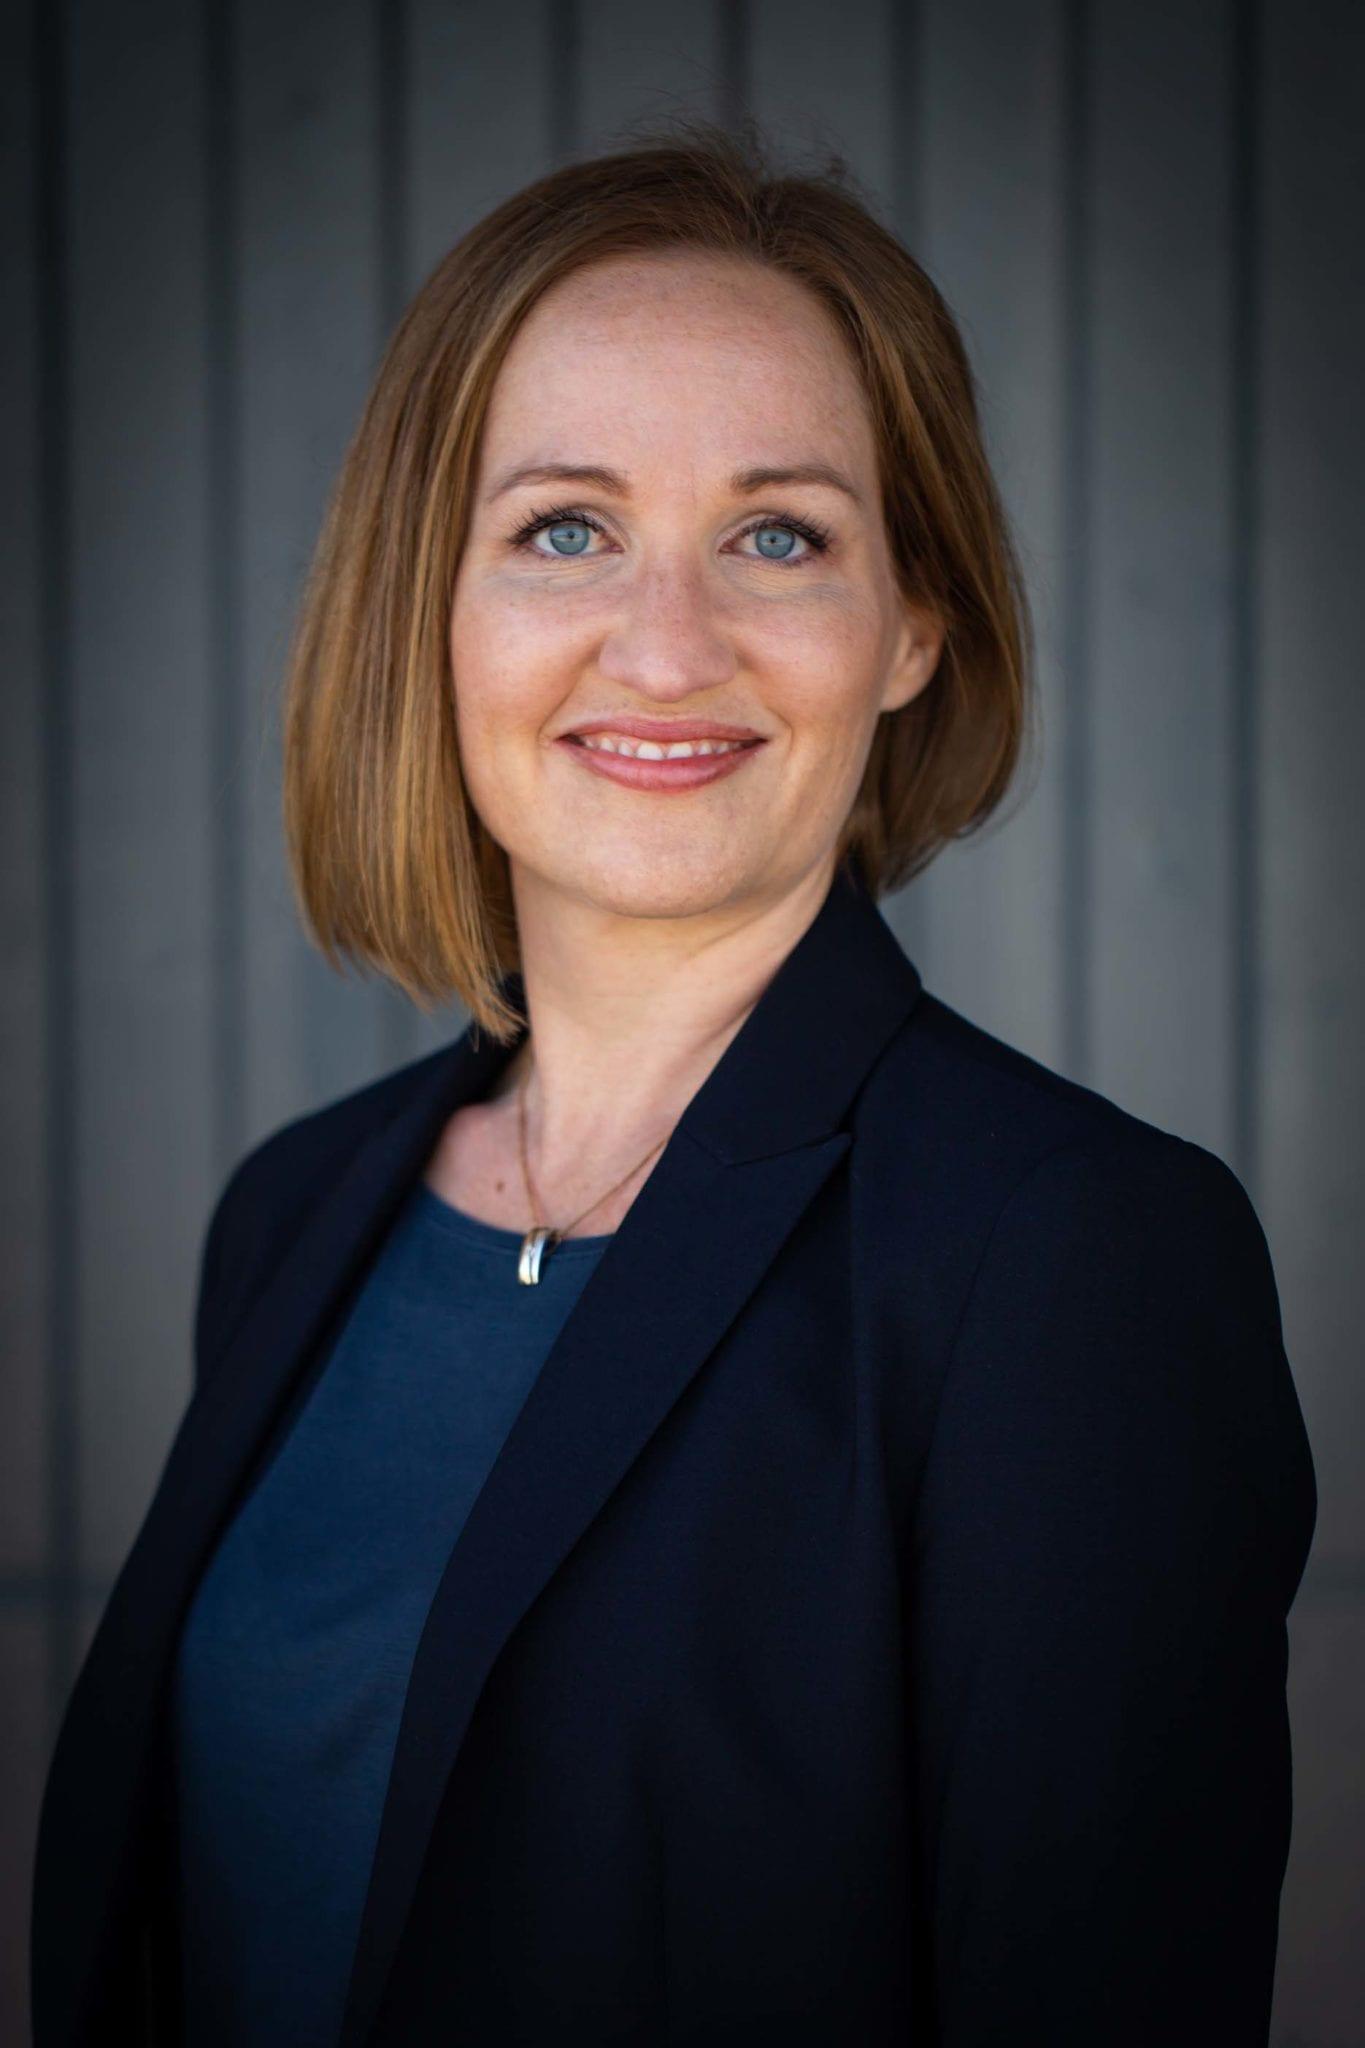 Managmentkonsult på Kraft & Balans - Malin Emilsson